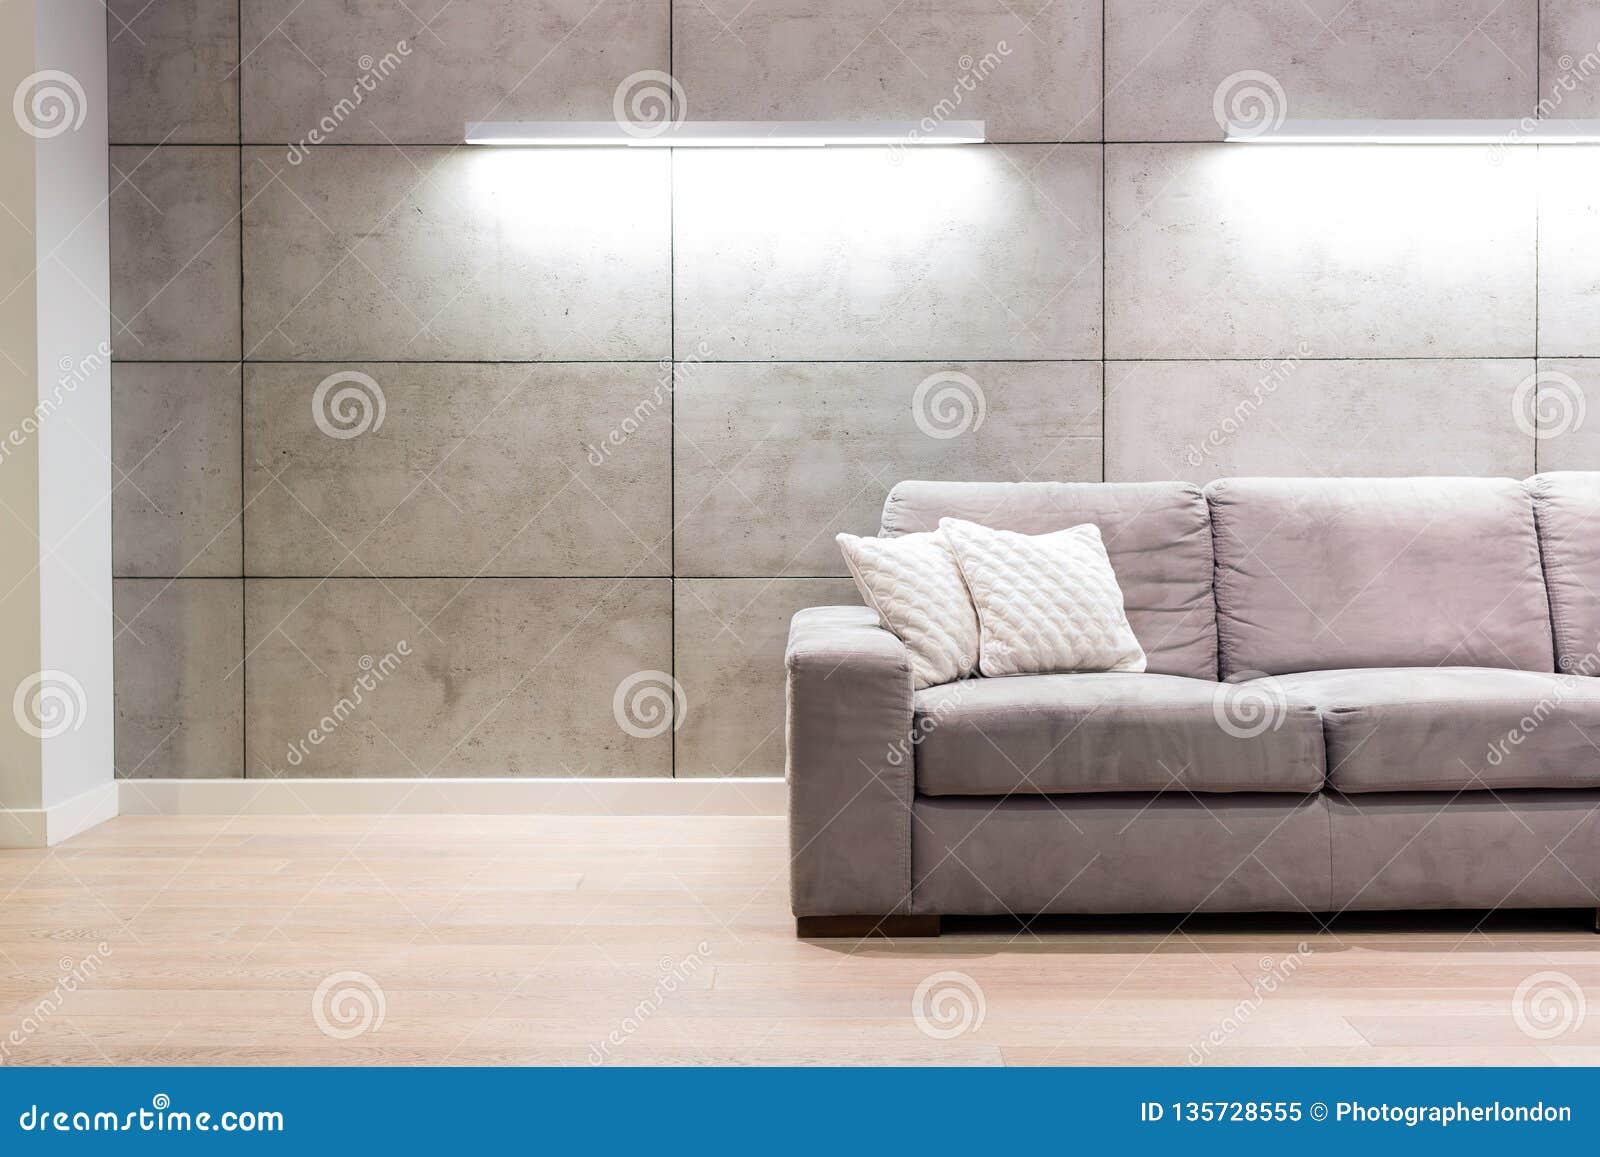 Sofá vazio contra a parede iluminada no apartamento